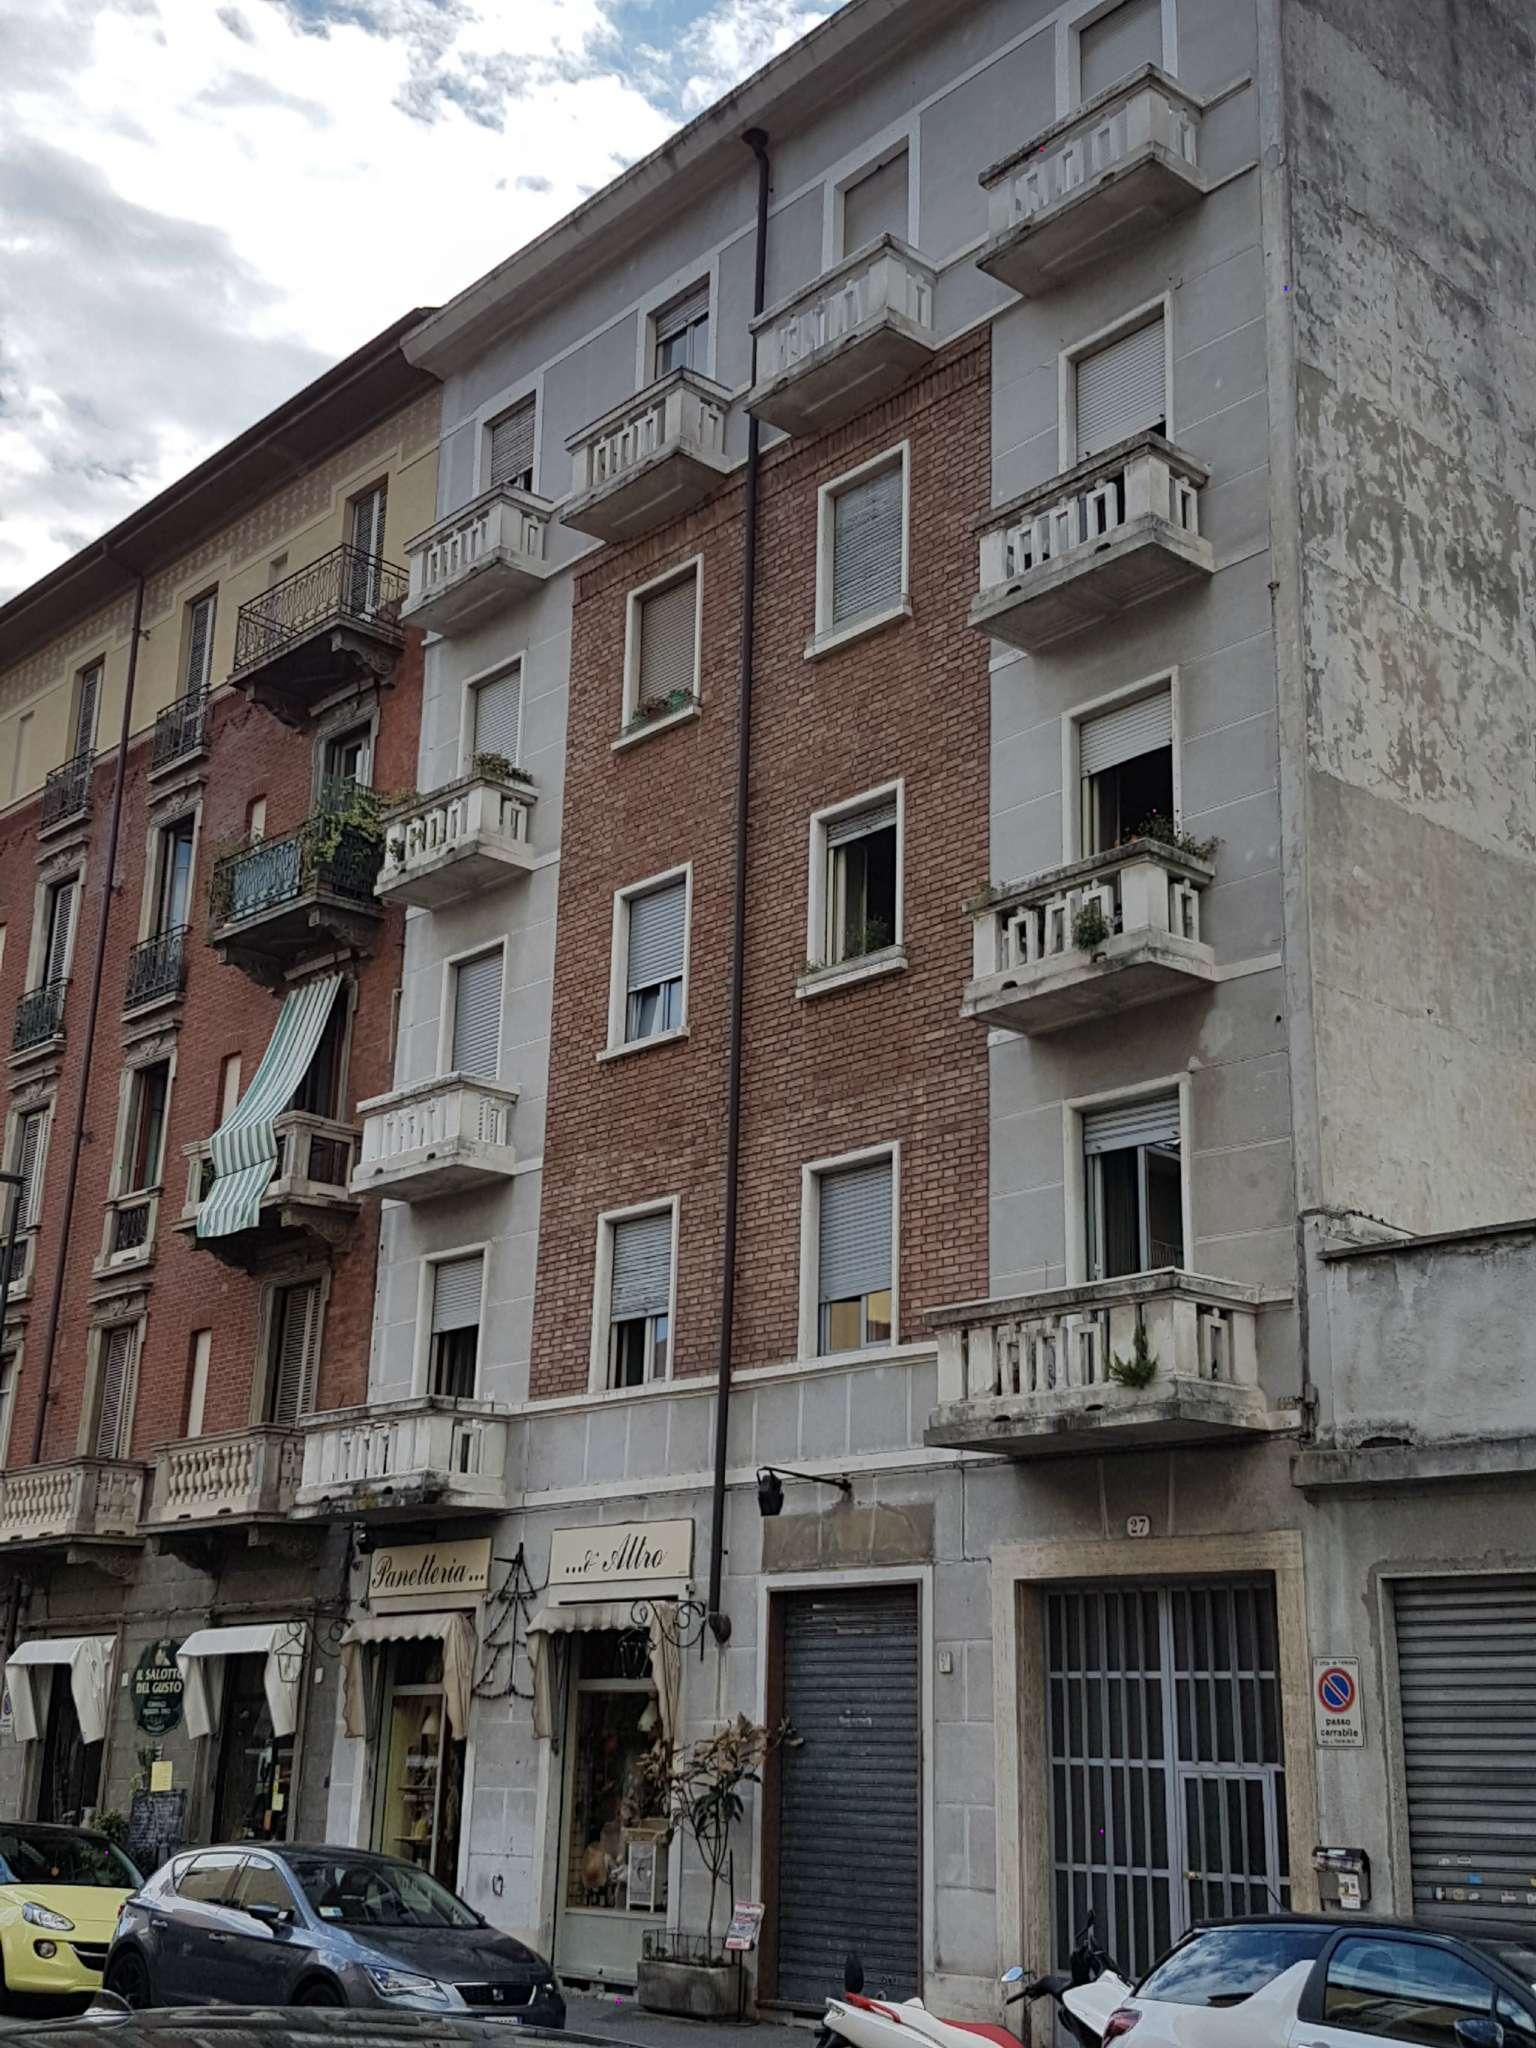 Vendita - Negozio - Torino - NEGOZIO PARELLA - OTTIMO  ? 48.000